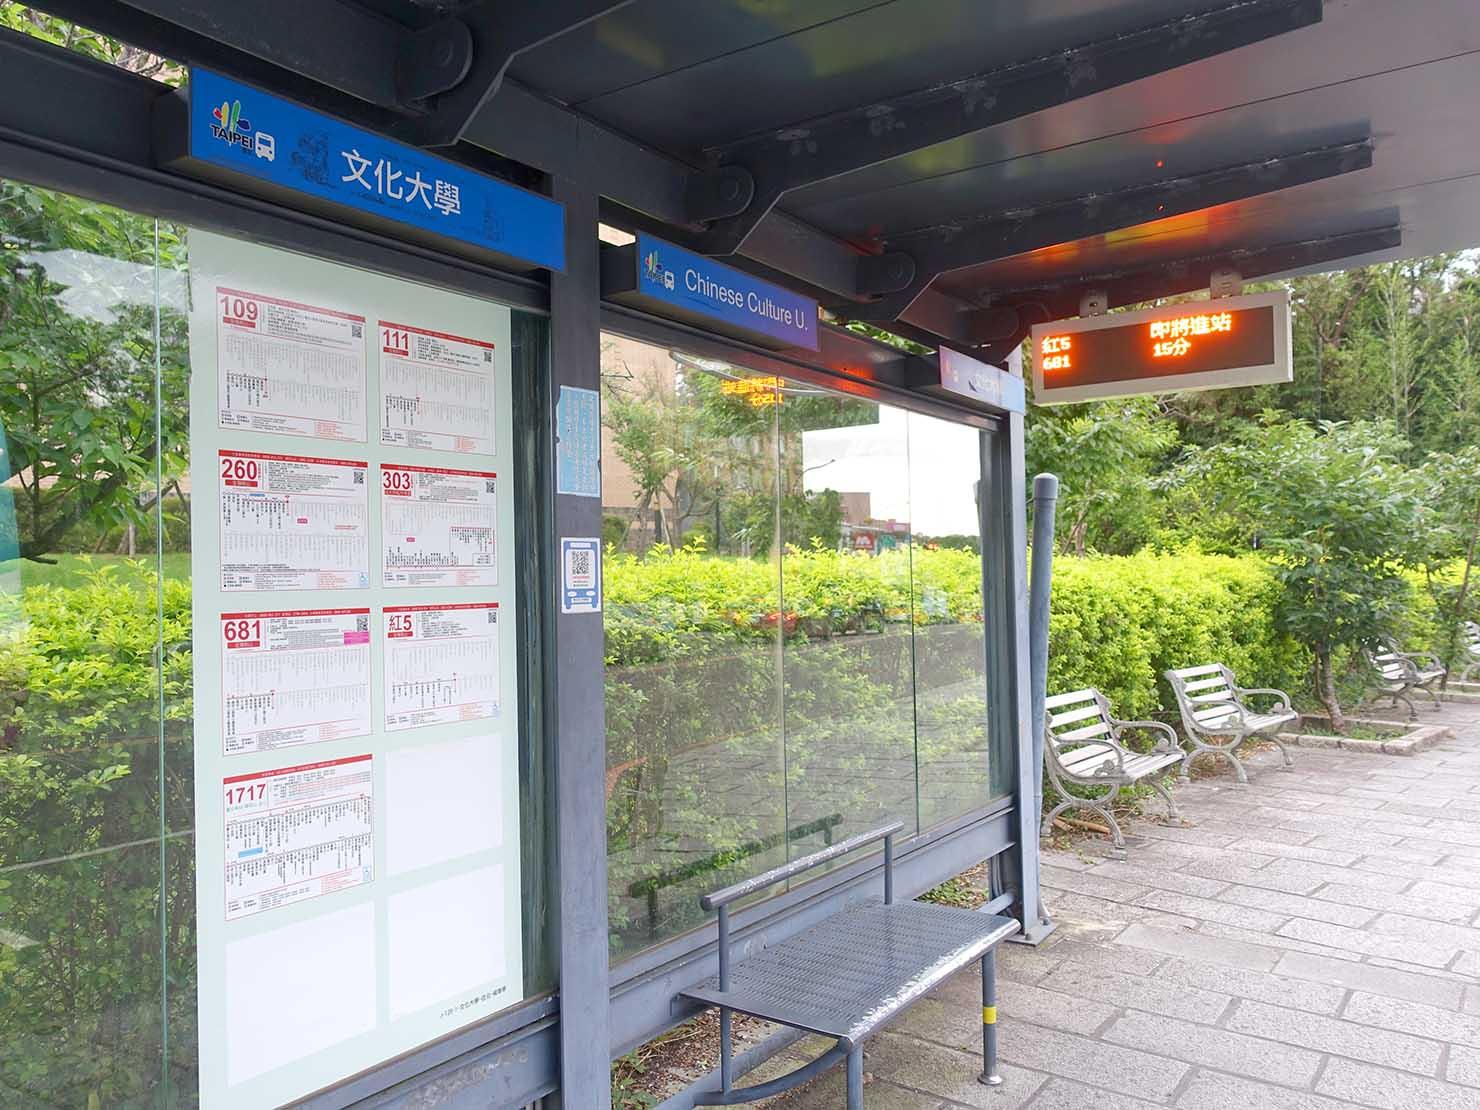 台北・陽明山のレストラン「草山夜未眠」への最寄り・文化大學バス停